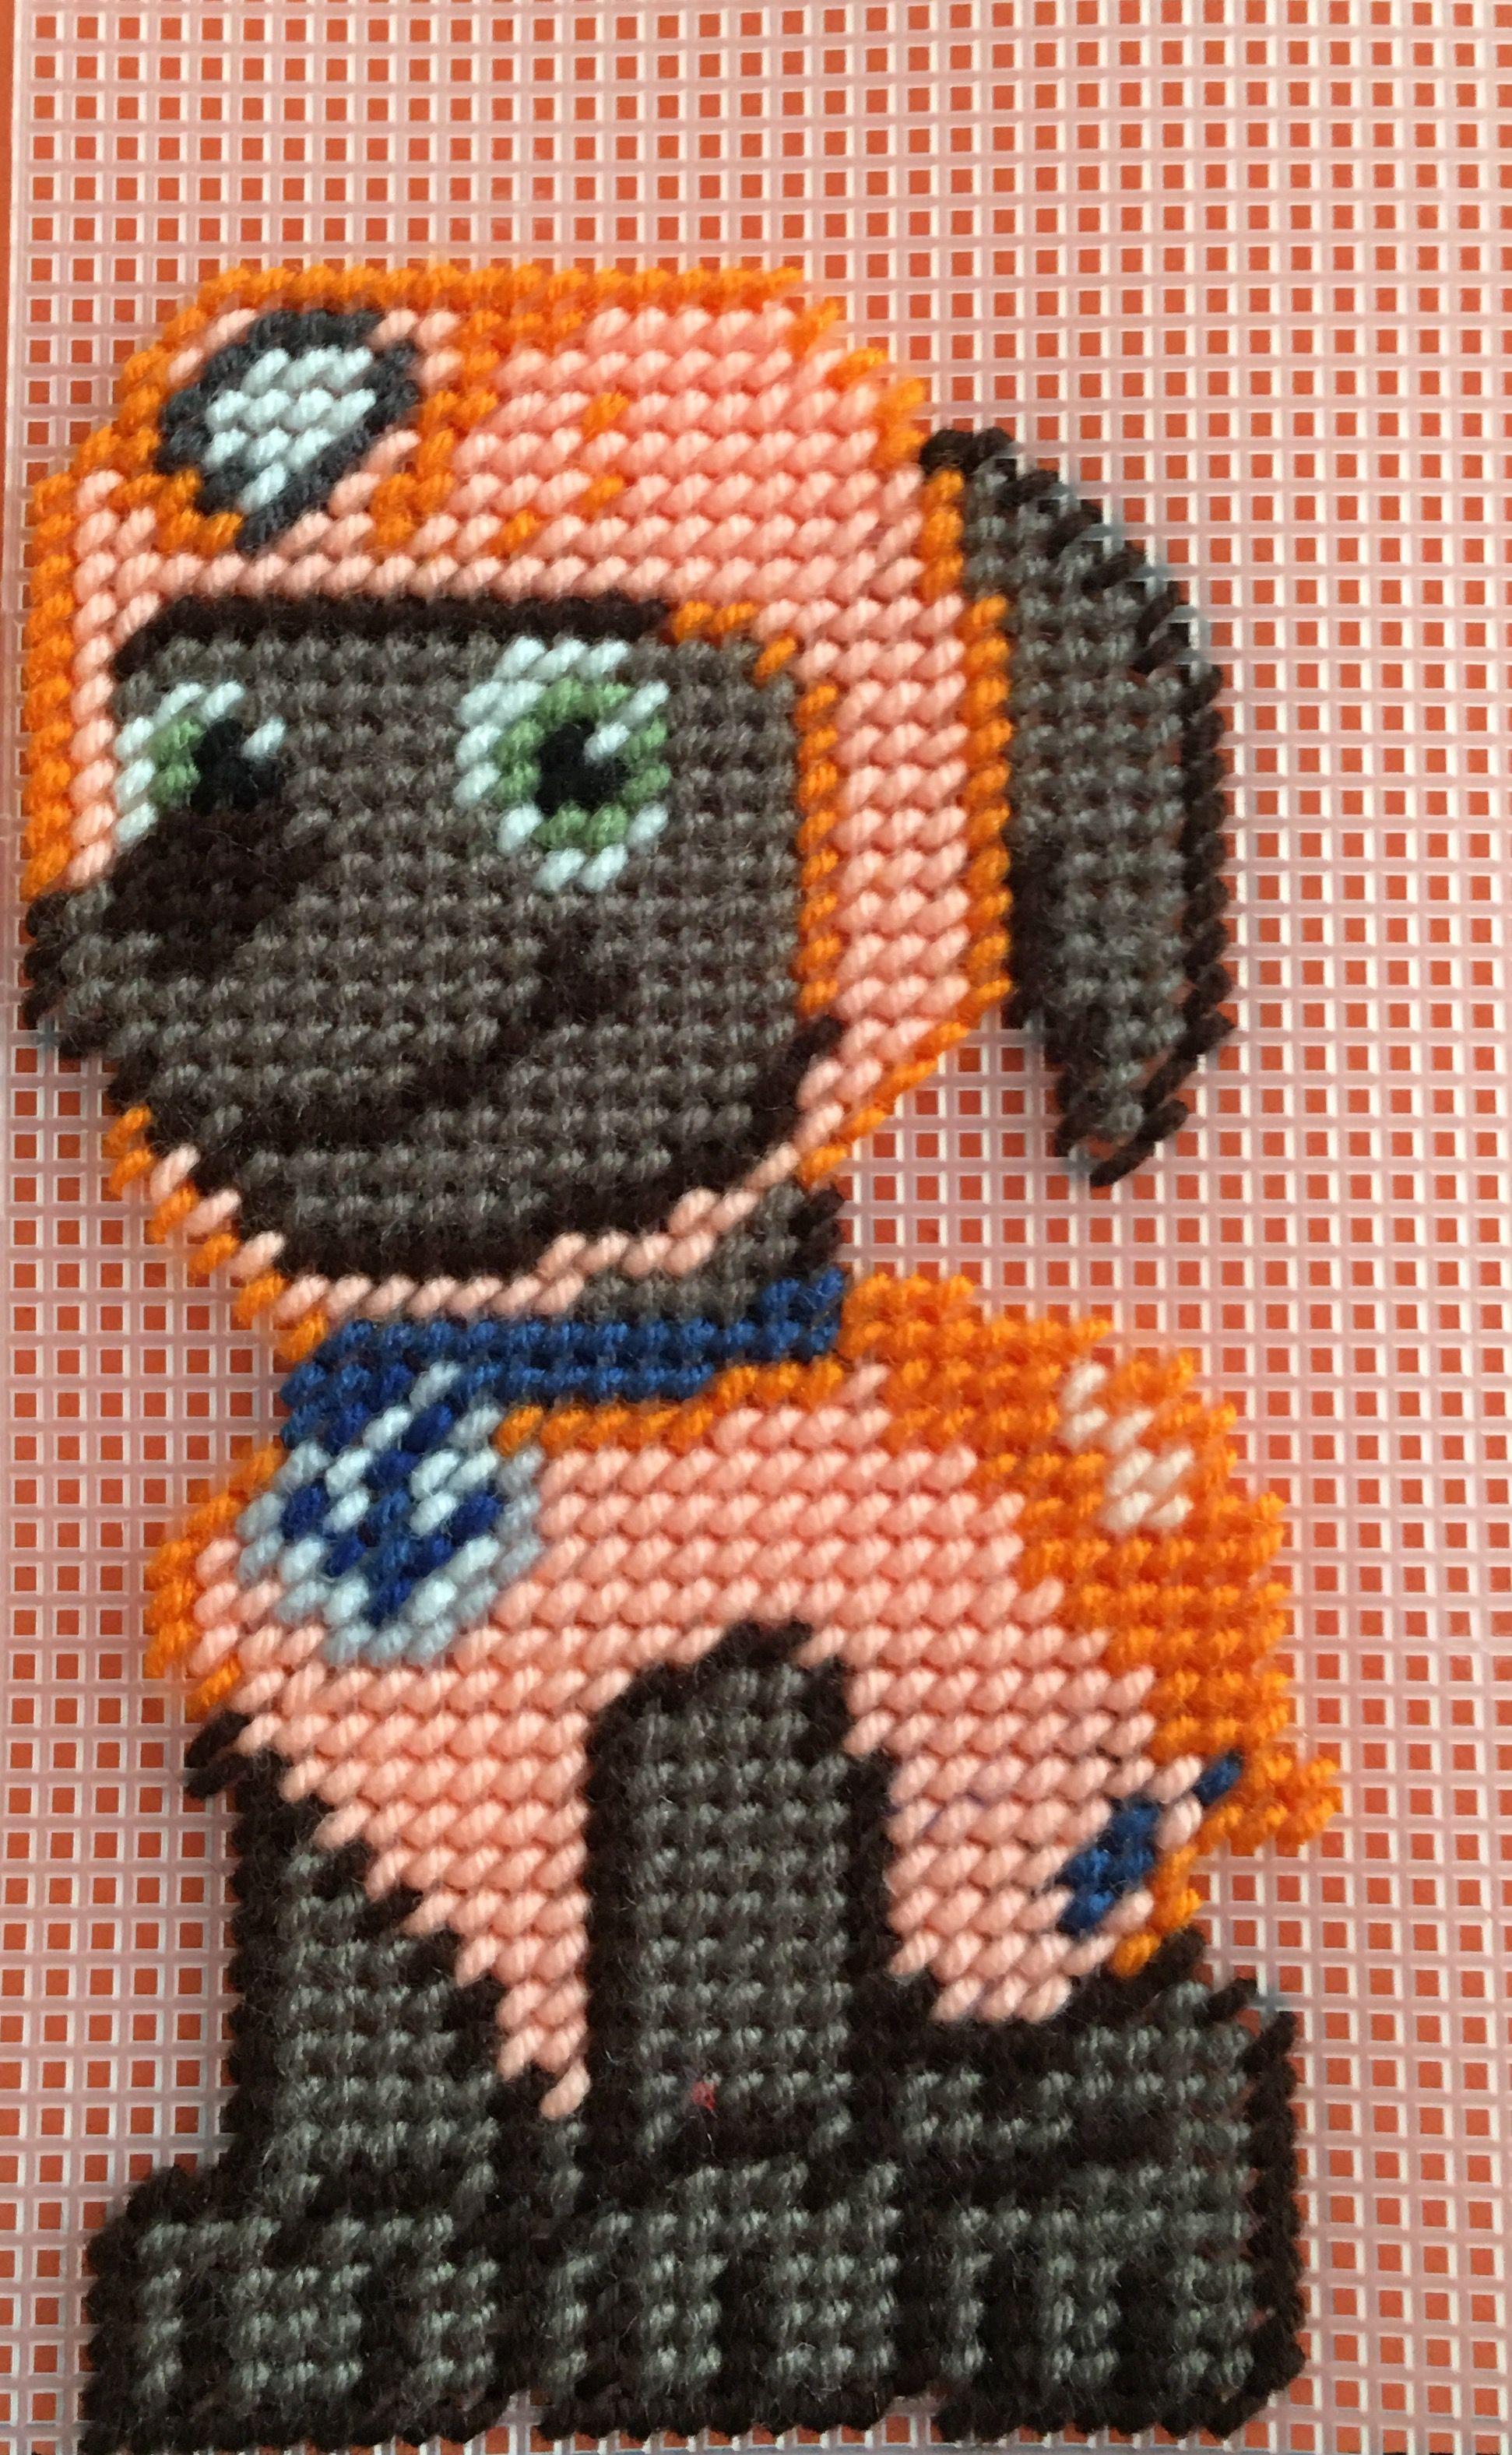 Cross Stitch Paw Patrol (ZUMA) by Marcelle Powell ❤️